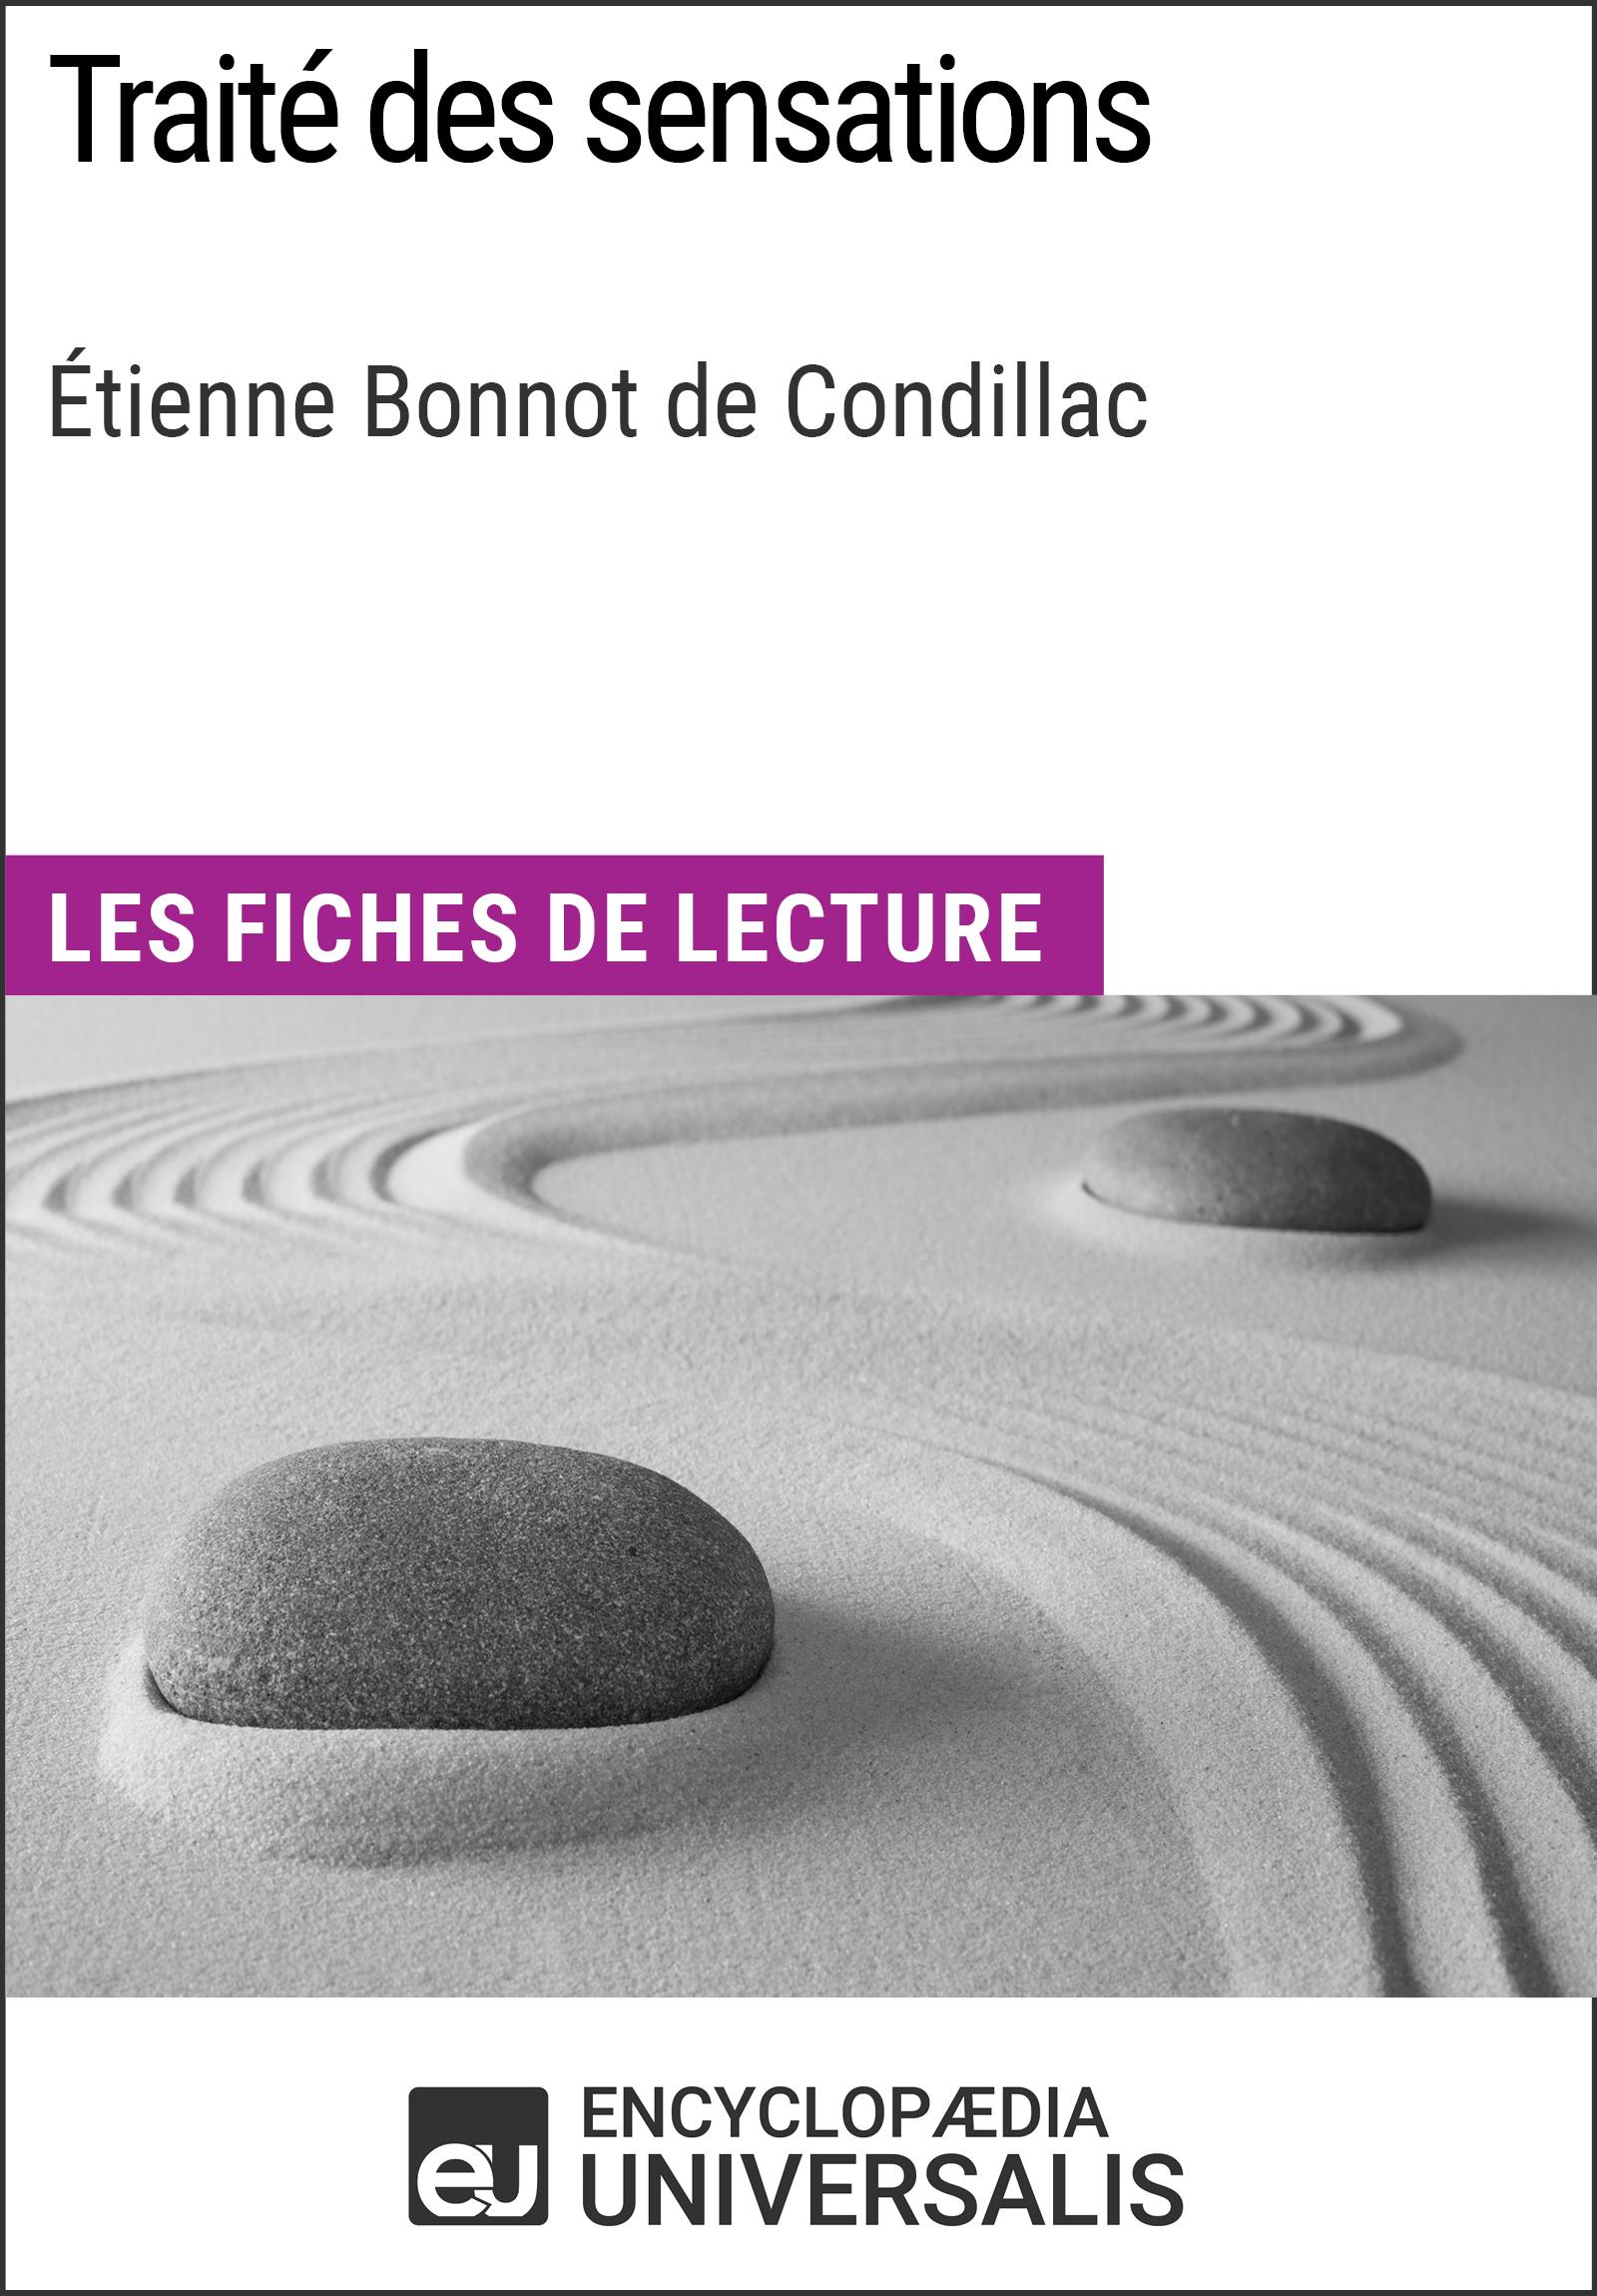 Traité des sensations d'Étienne Bonnot de Condillac